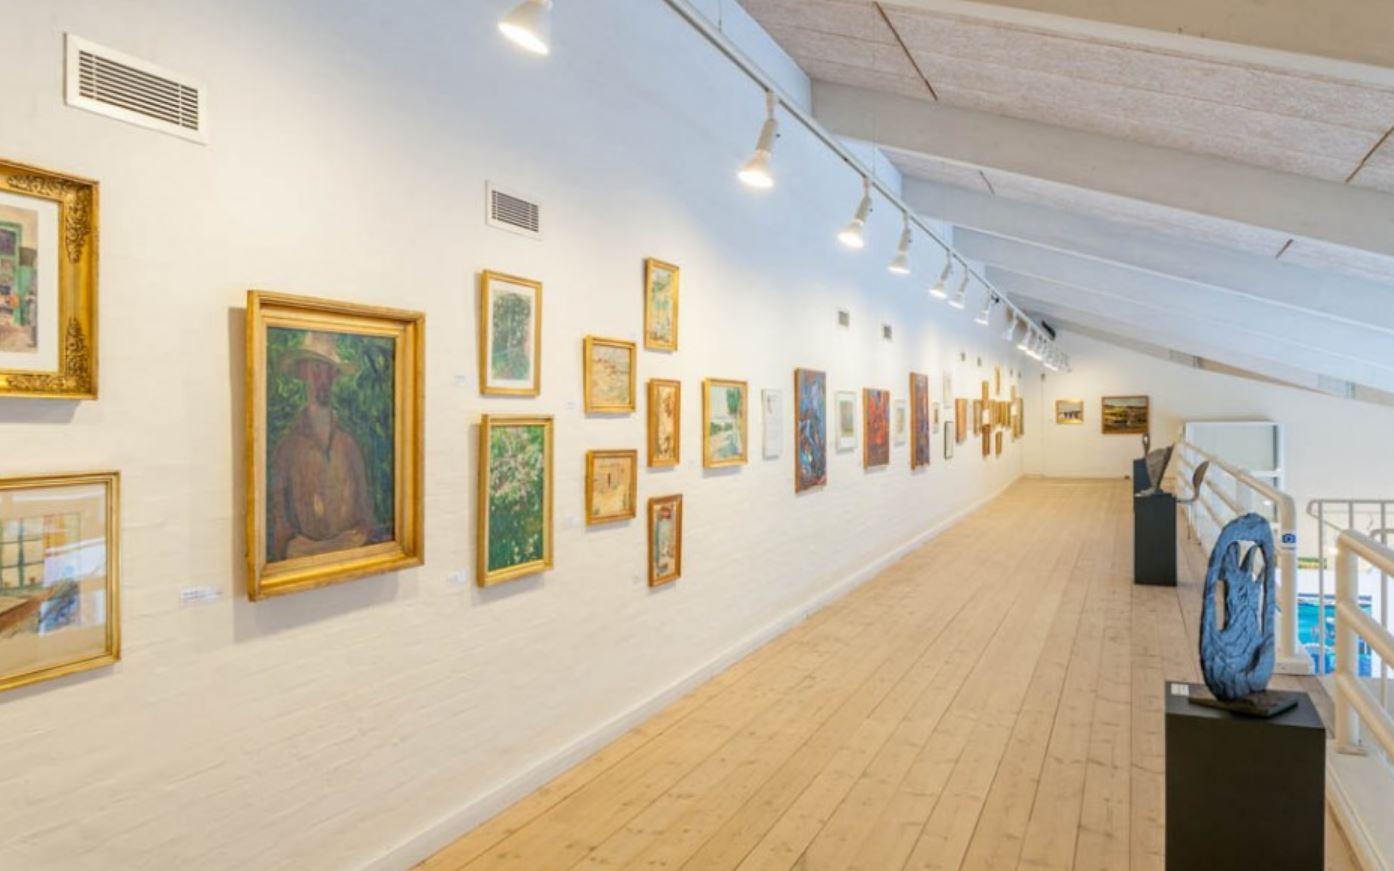 Frederikshavn art museum